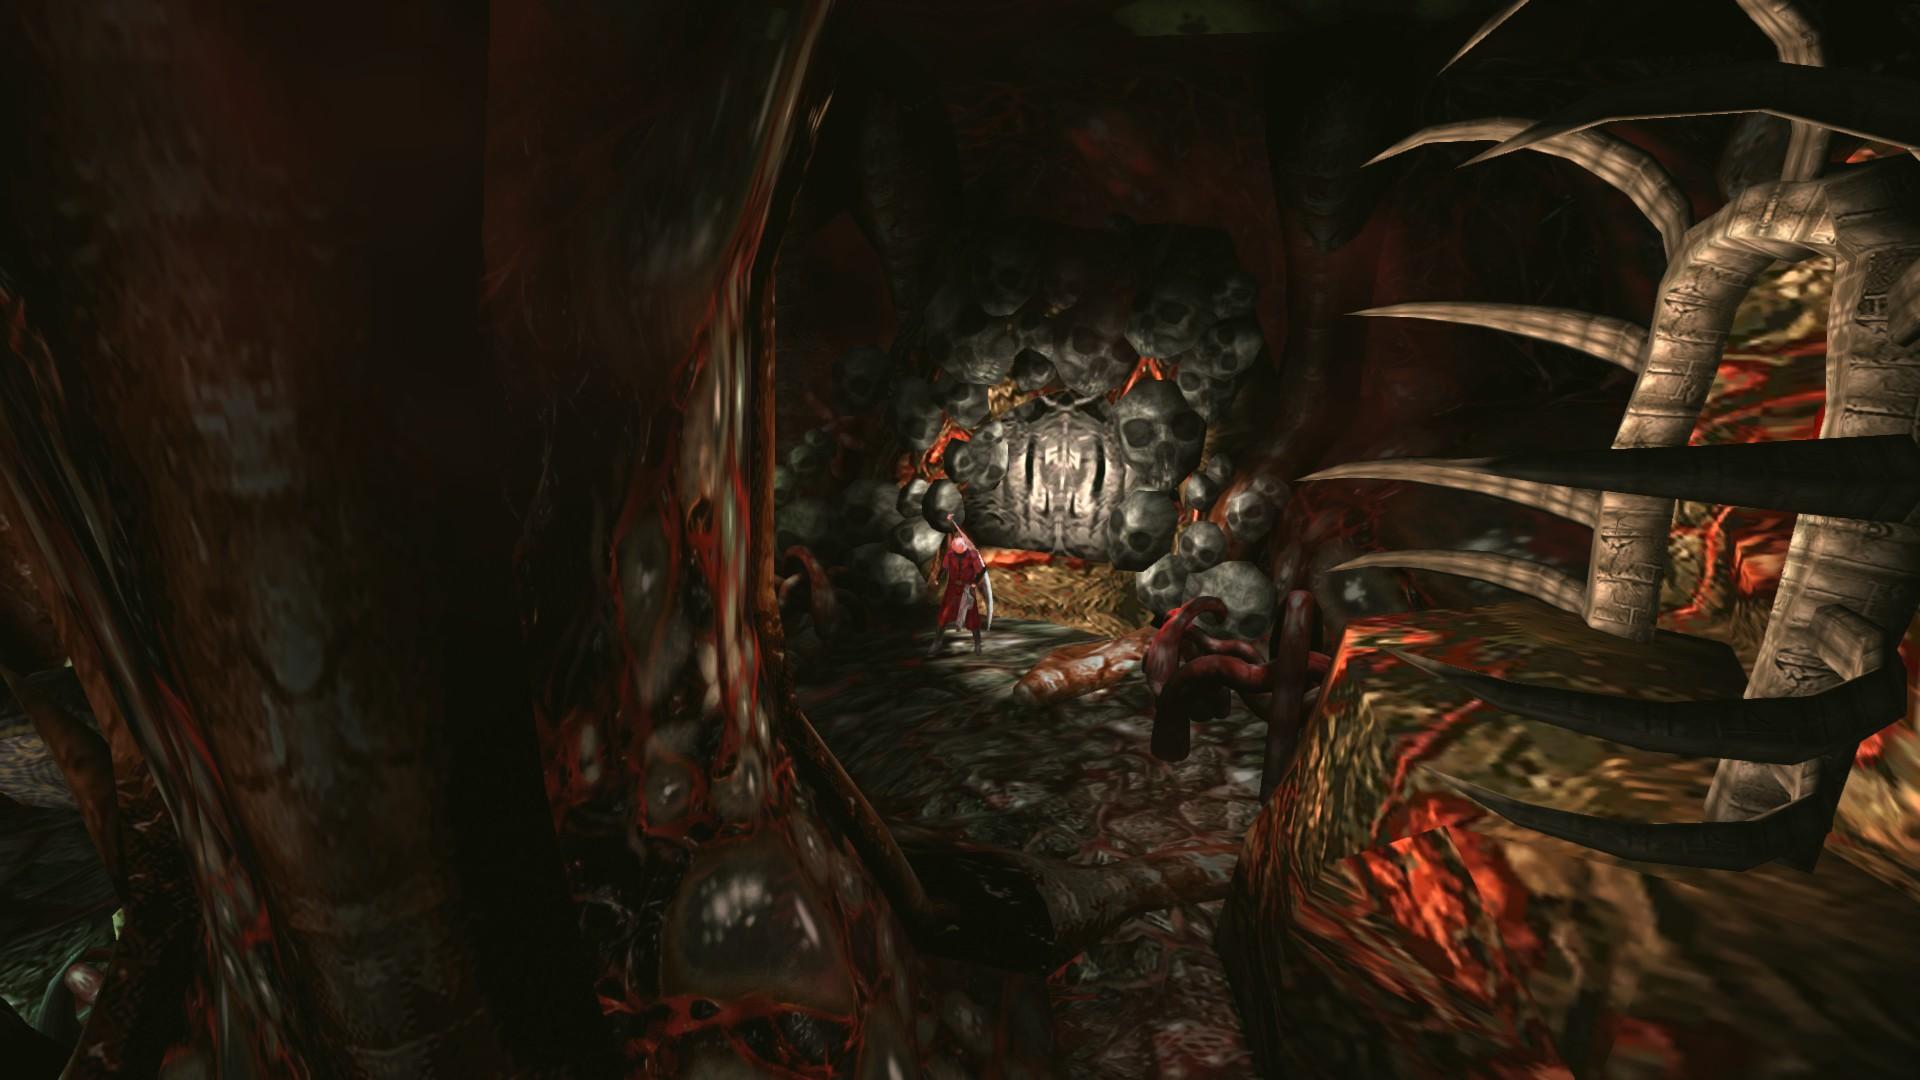 Пост-прохождение Devil May Cry Часть 7. - Изображение 52